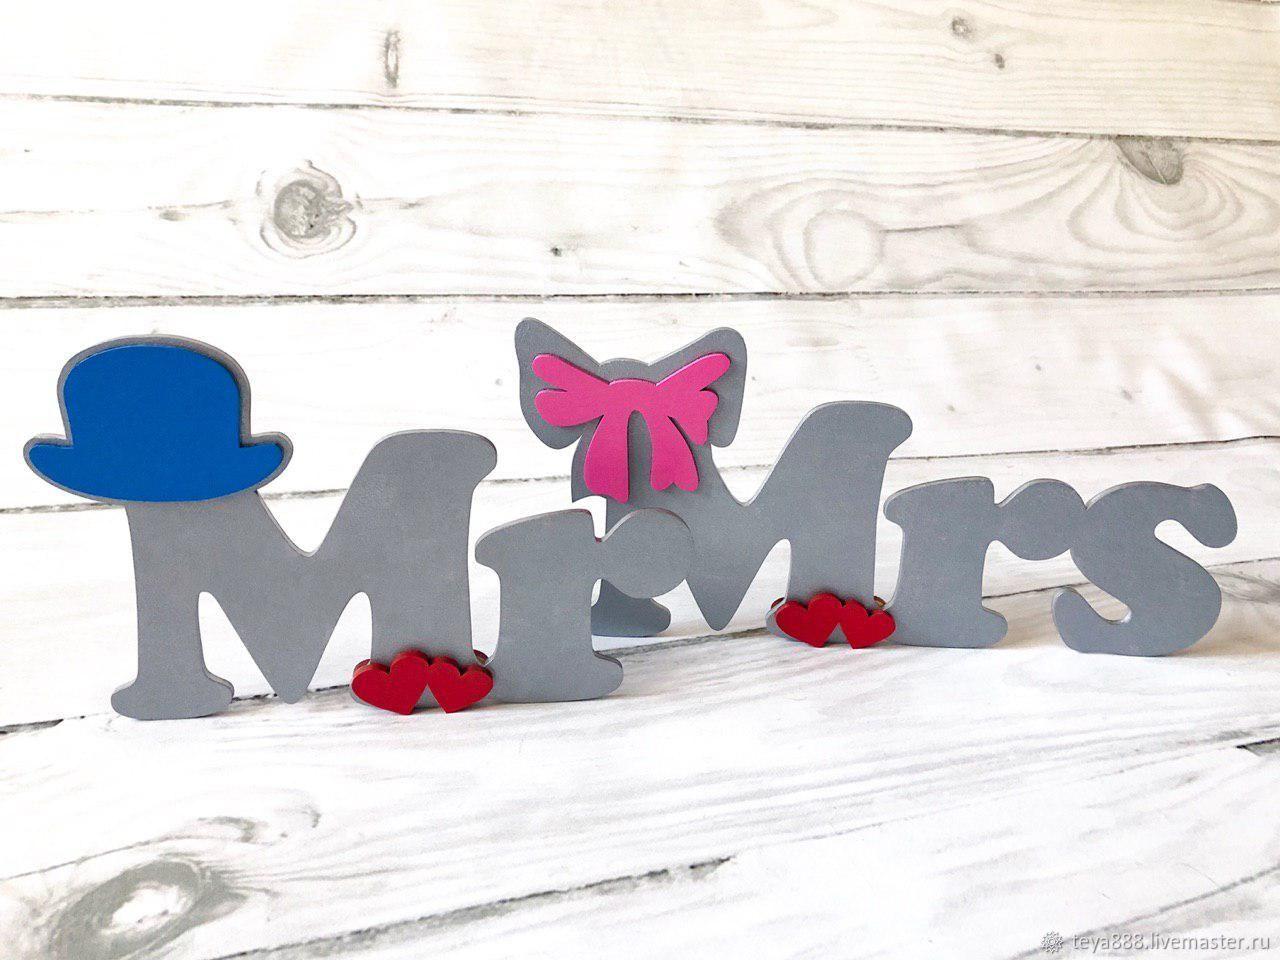 Подарки на свадьбу ручной работы. Ярмарка Мастеров - ручная работа. Купить Декор на свадьбу-украшение зала,деревянный знак Mr & Mrs. Handmade.